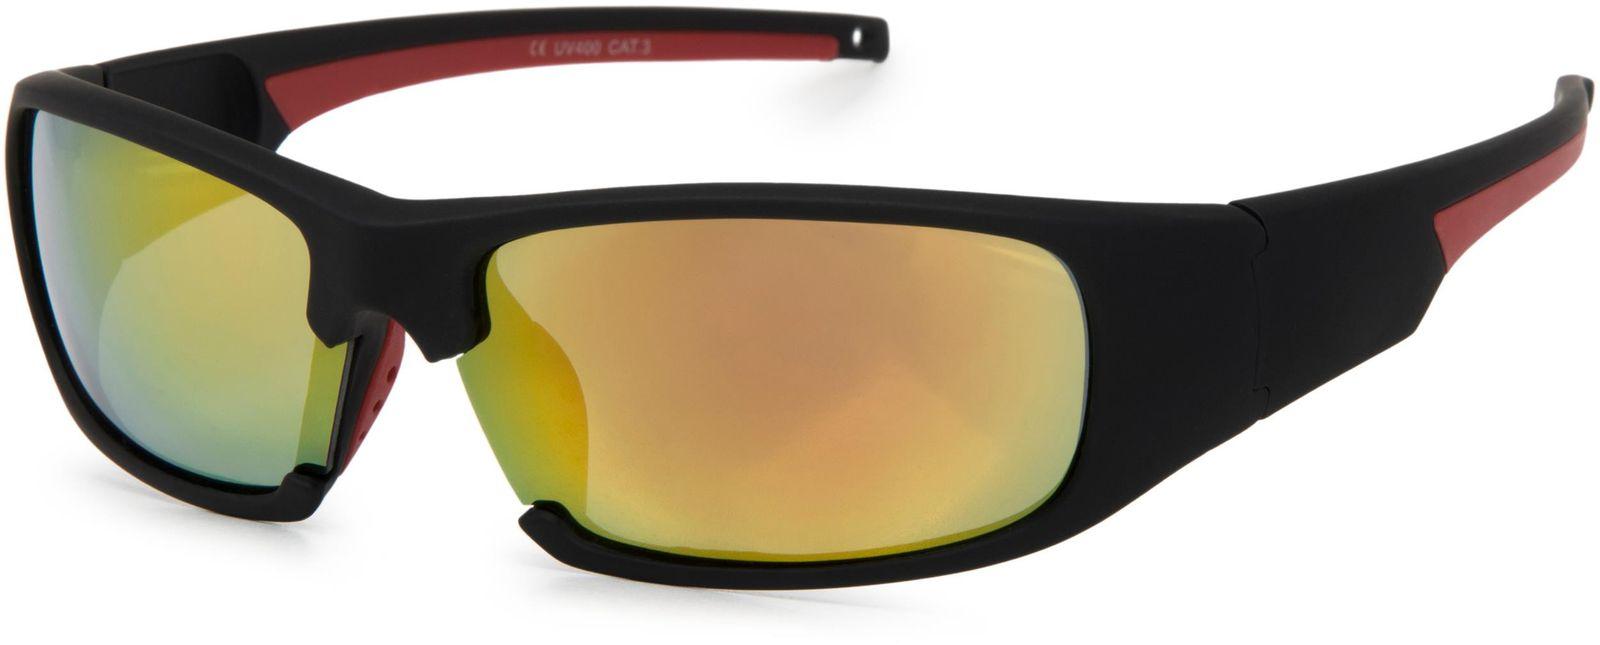 sport sonnenbrille mit weichen nasenb geln 546. Black Bedroom Furniture Sets. Home Design Ideas